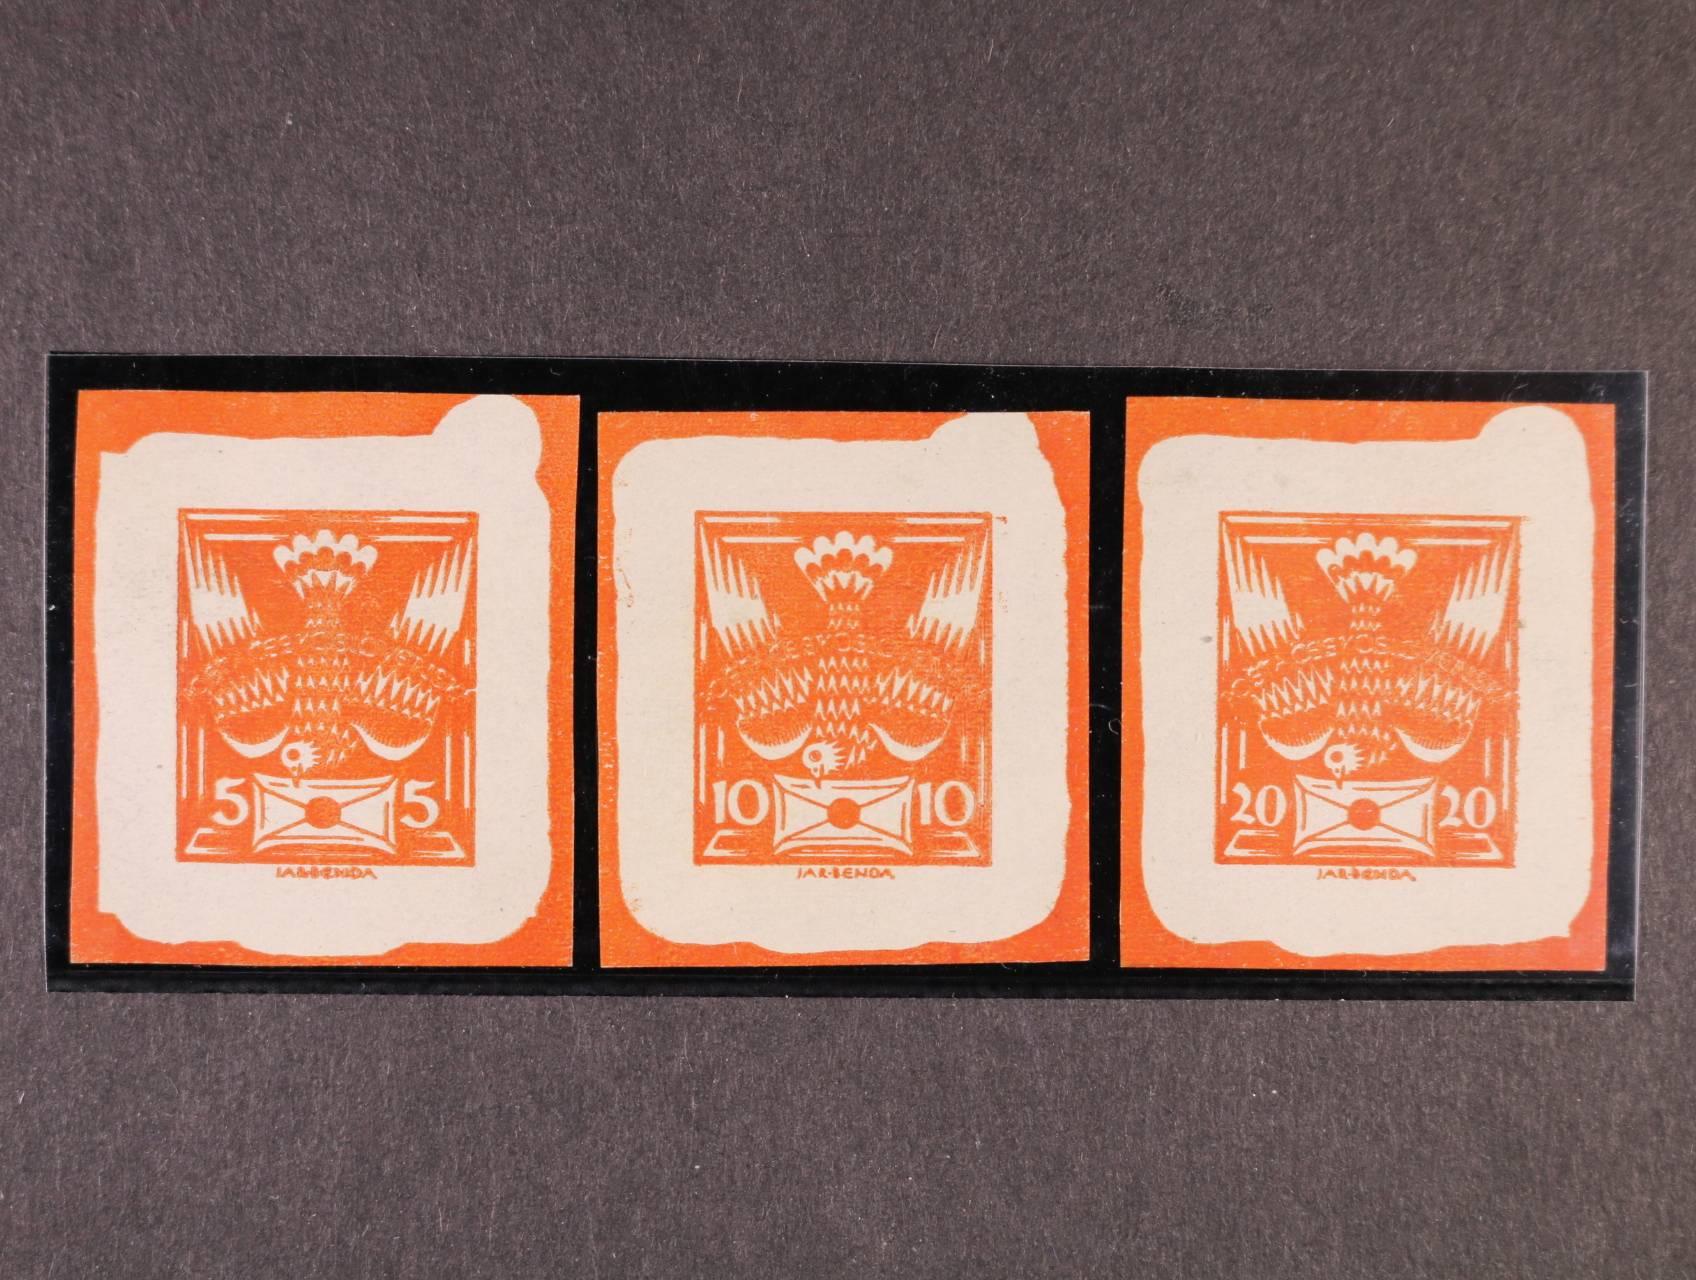 ZT 5, 10 a 20h v barvě oranžové - rozstříhaný soutisk, z nevyčištěné desky, zk. Vrba